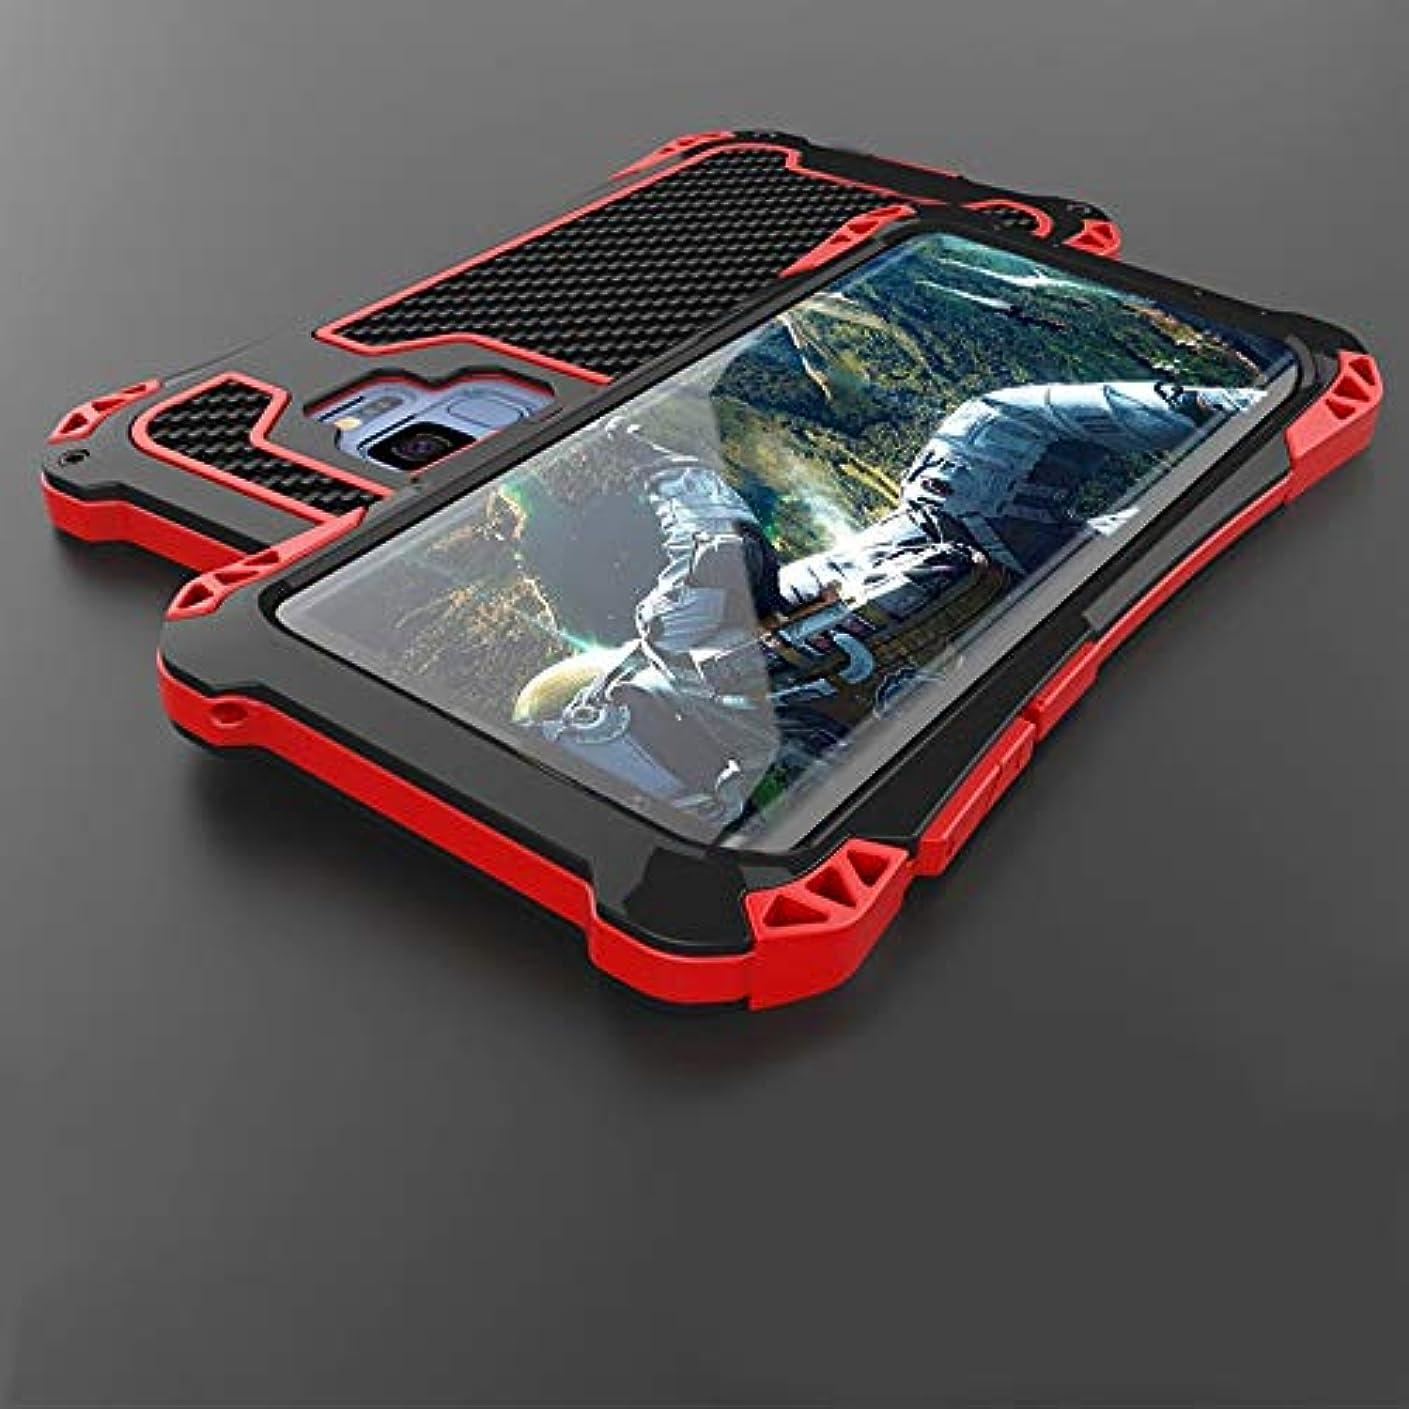 作動する遠近法タイプTonglilili サムスンS9、S9プラス、迷彩メタル3アンチ携帯電話ケースアンチフォール防水用ドロップシェルパーソナリティスクラブ電話ケース (Color : ブラック+レッド, Edition : S9 Plus)